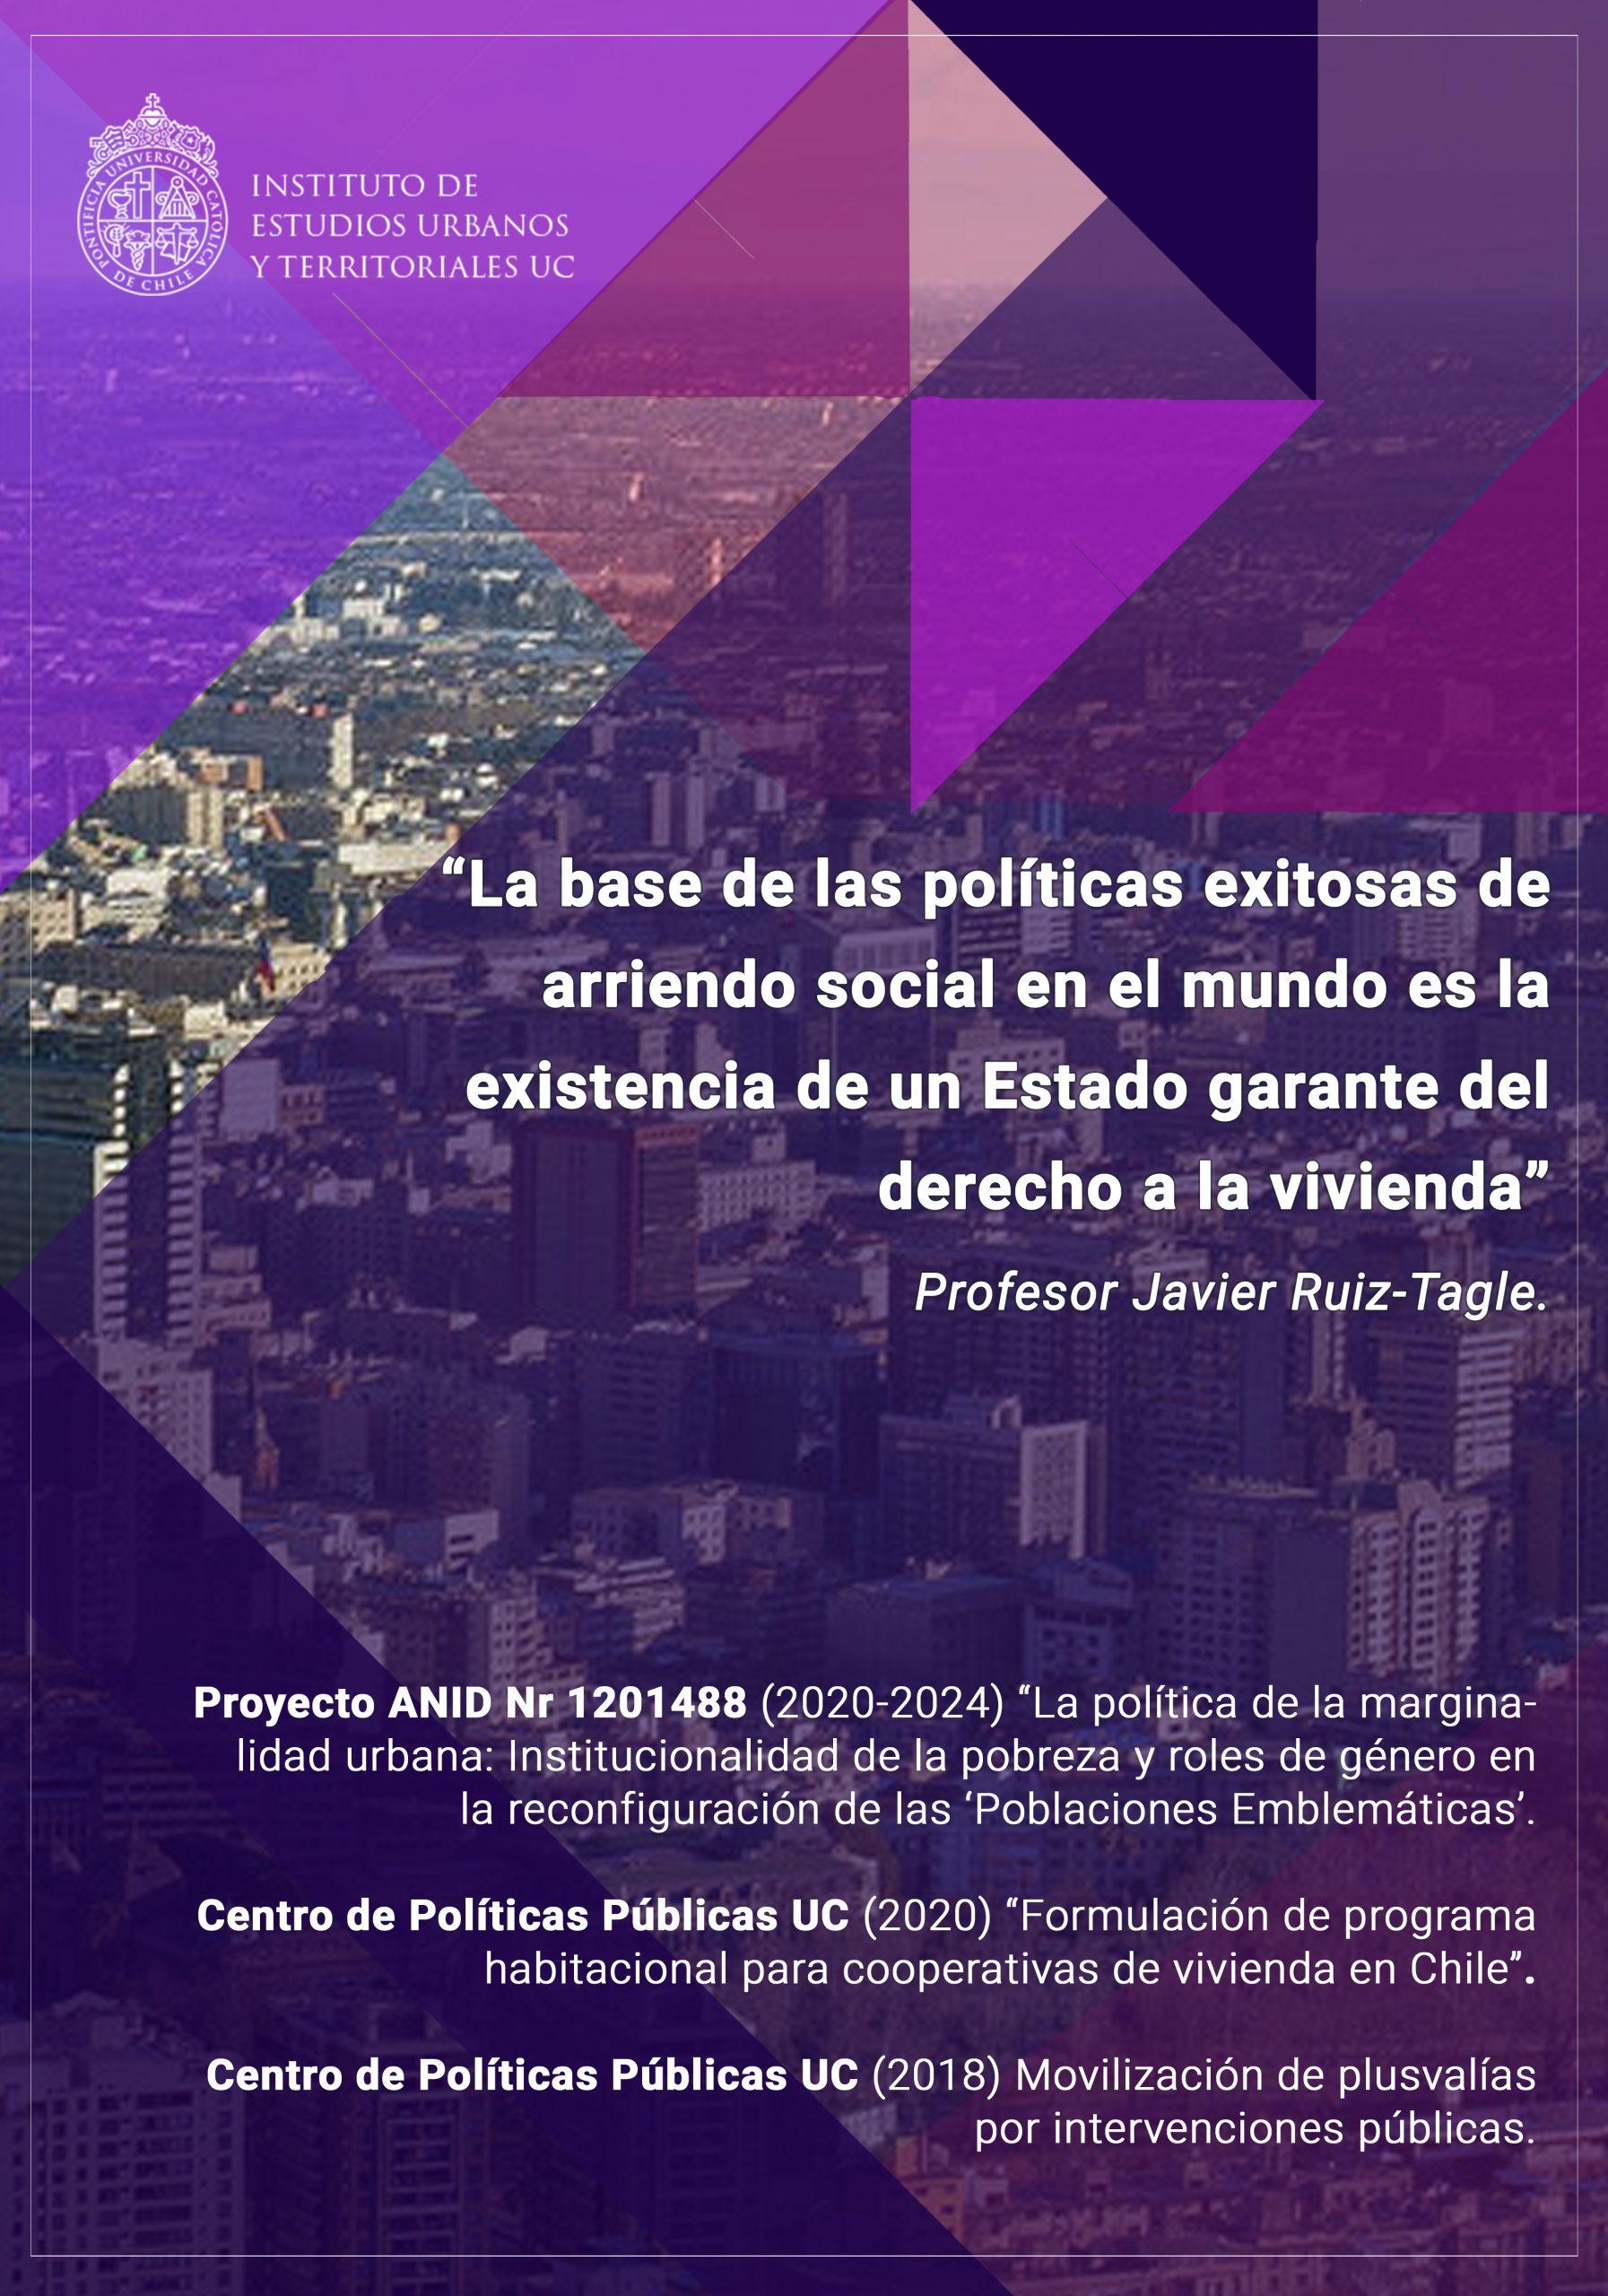 INVESTIGACIÓN | La vivienda, la marginalidad urbana y la necesidad de implementar políticas robustas de arriendo social en Chile.